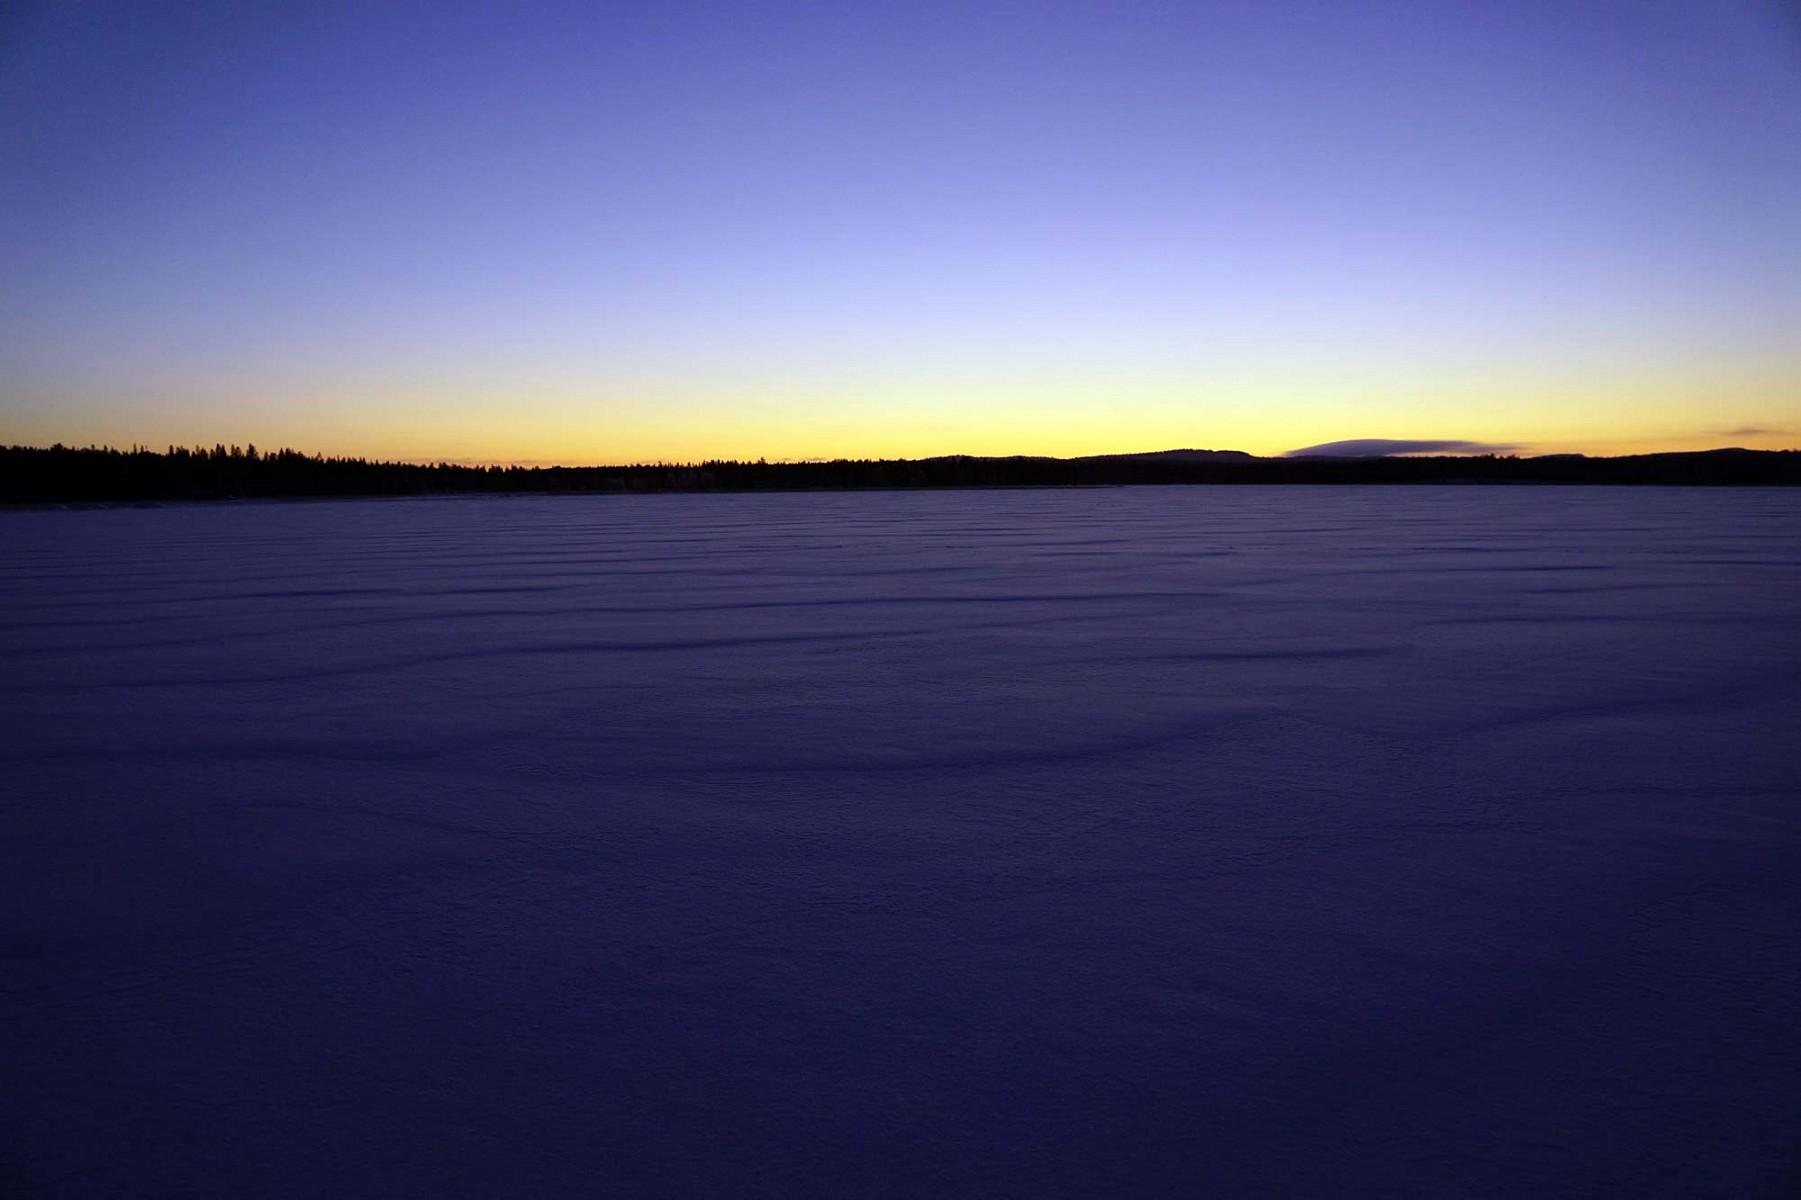 pEin-neuer-Tag-mit-frischemnbspSchnee-Also-werdennbspdie-Schneeschuhe-angeschnallt-und-losnbspgeht39s-Bereits-gegen-halb-drei-erlebtnbspHanna-die-Lichtspiele-der-untergehenden-Sonnep